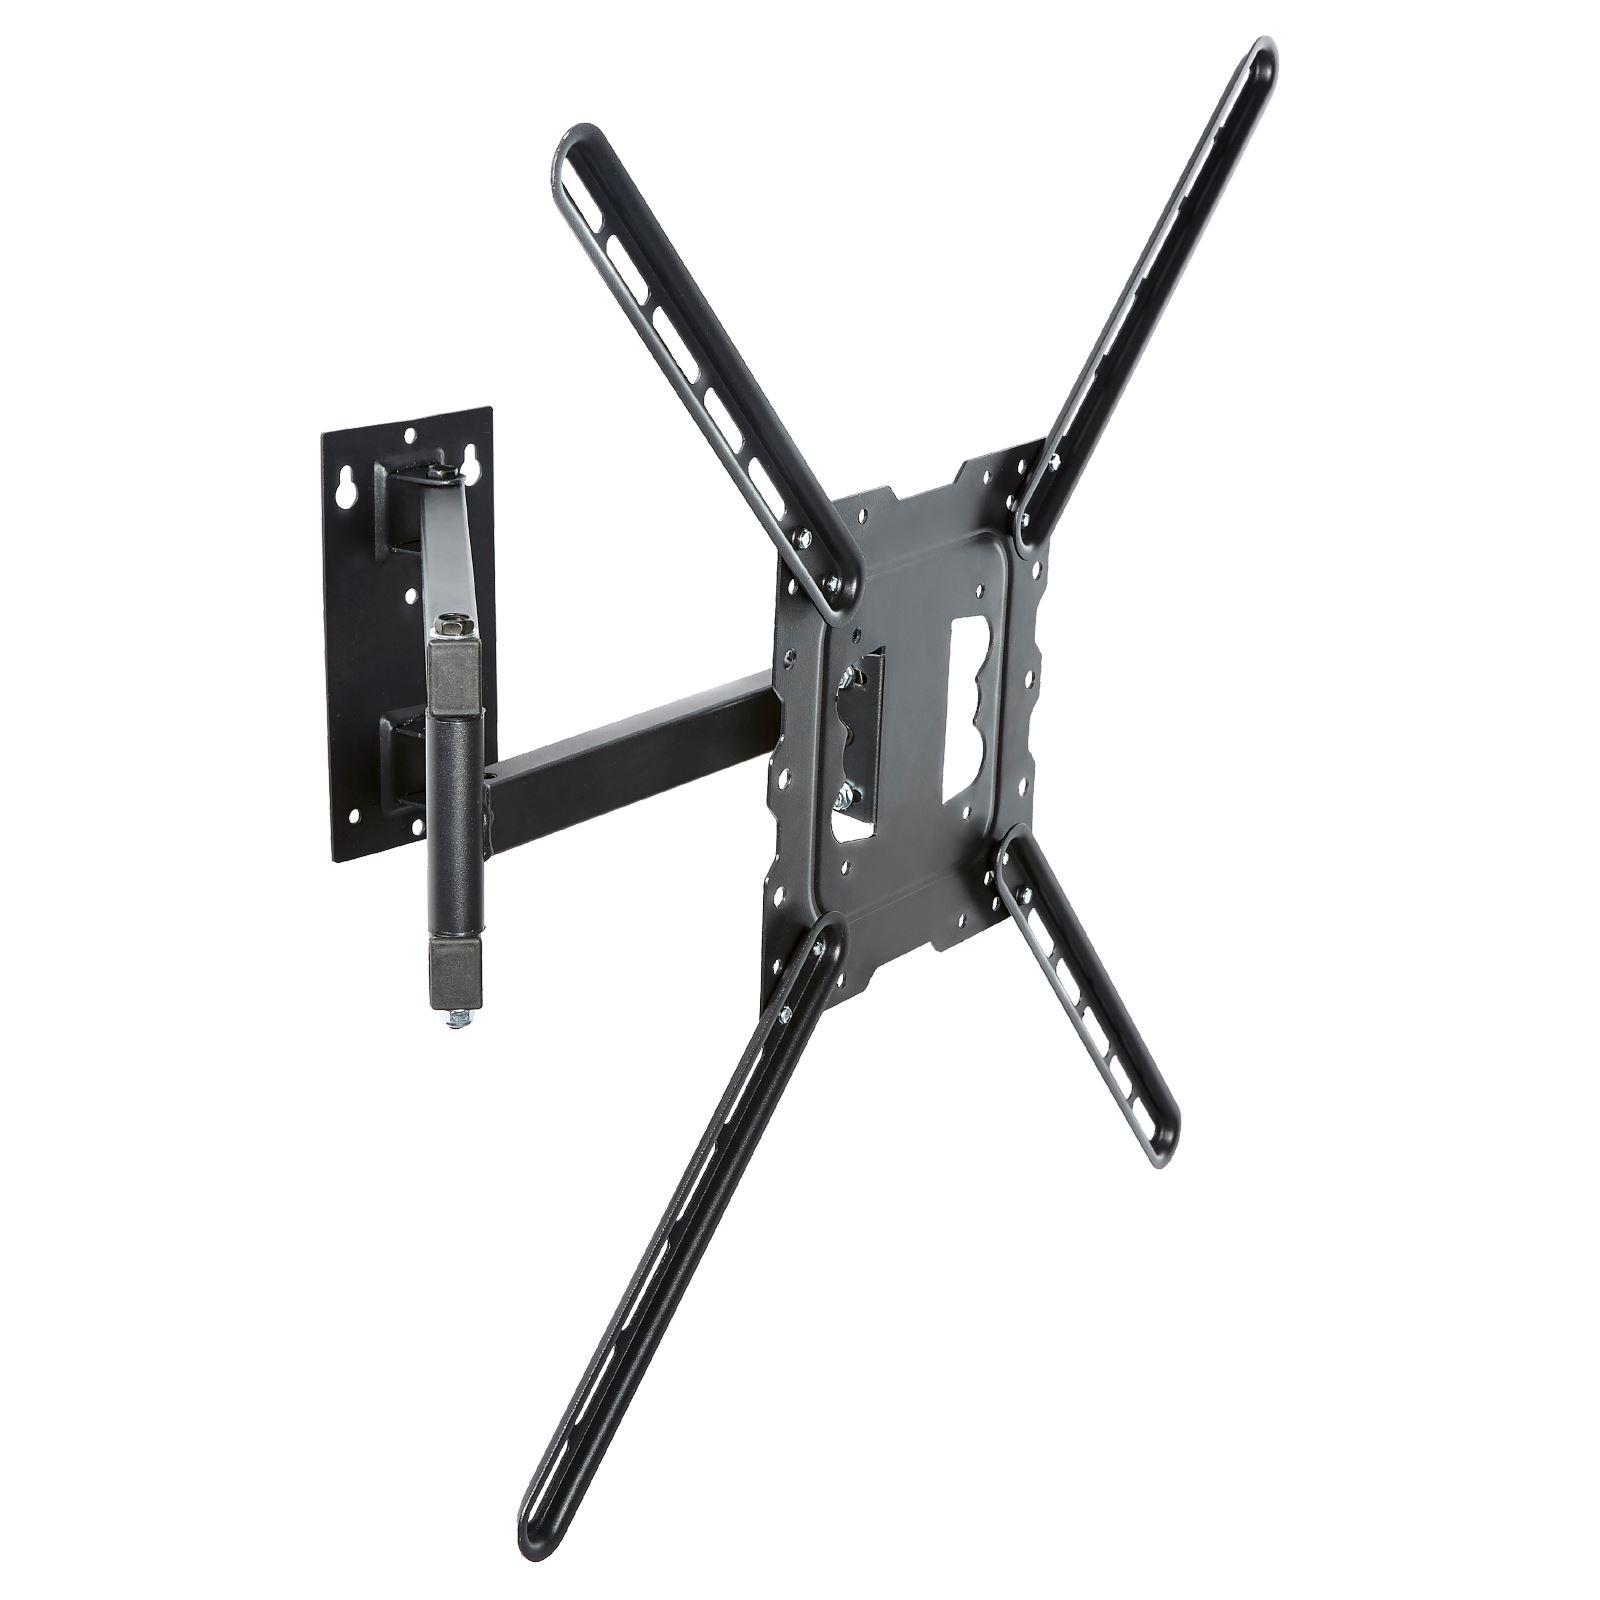 tilt fixed wall tv bracket mount lcd led slim 26 32 40 42 46 48 50 55 60 65 70. Black Bedroom Furniture Sets. Home Design Ideas